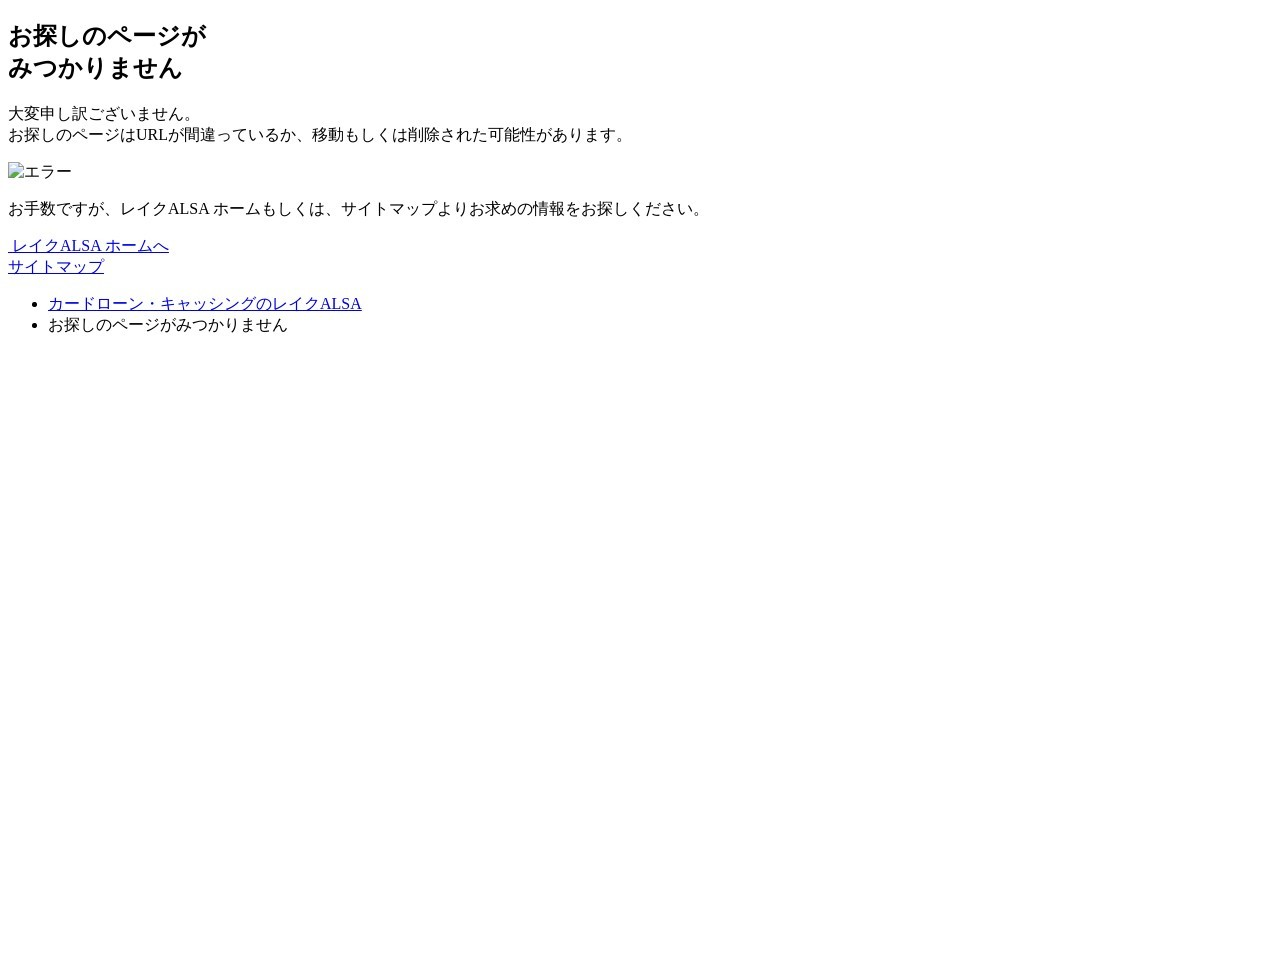 レイクALSA 佐久インタ-自動契約コーナー長野県 レイクALSA